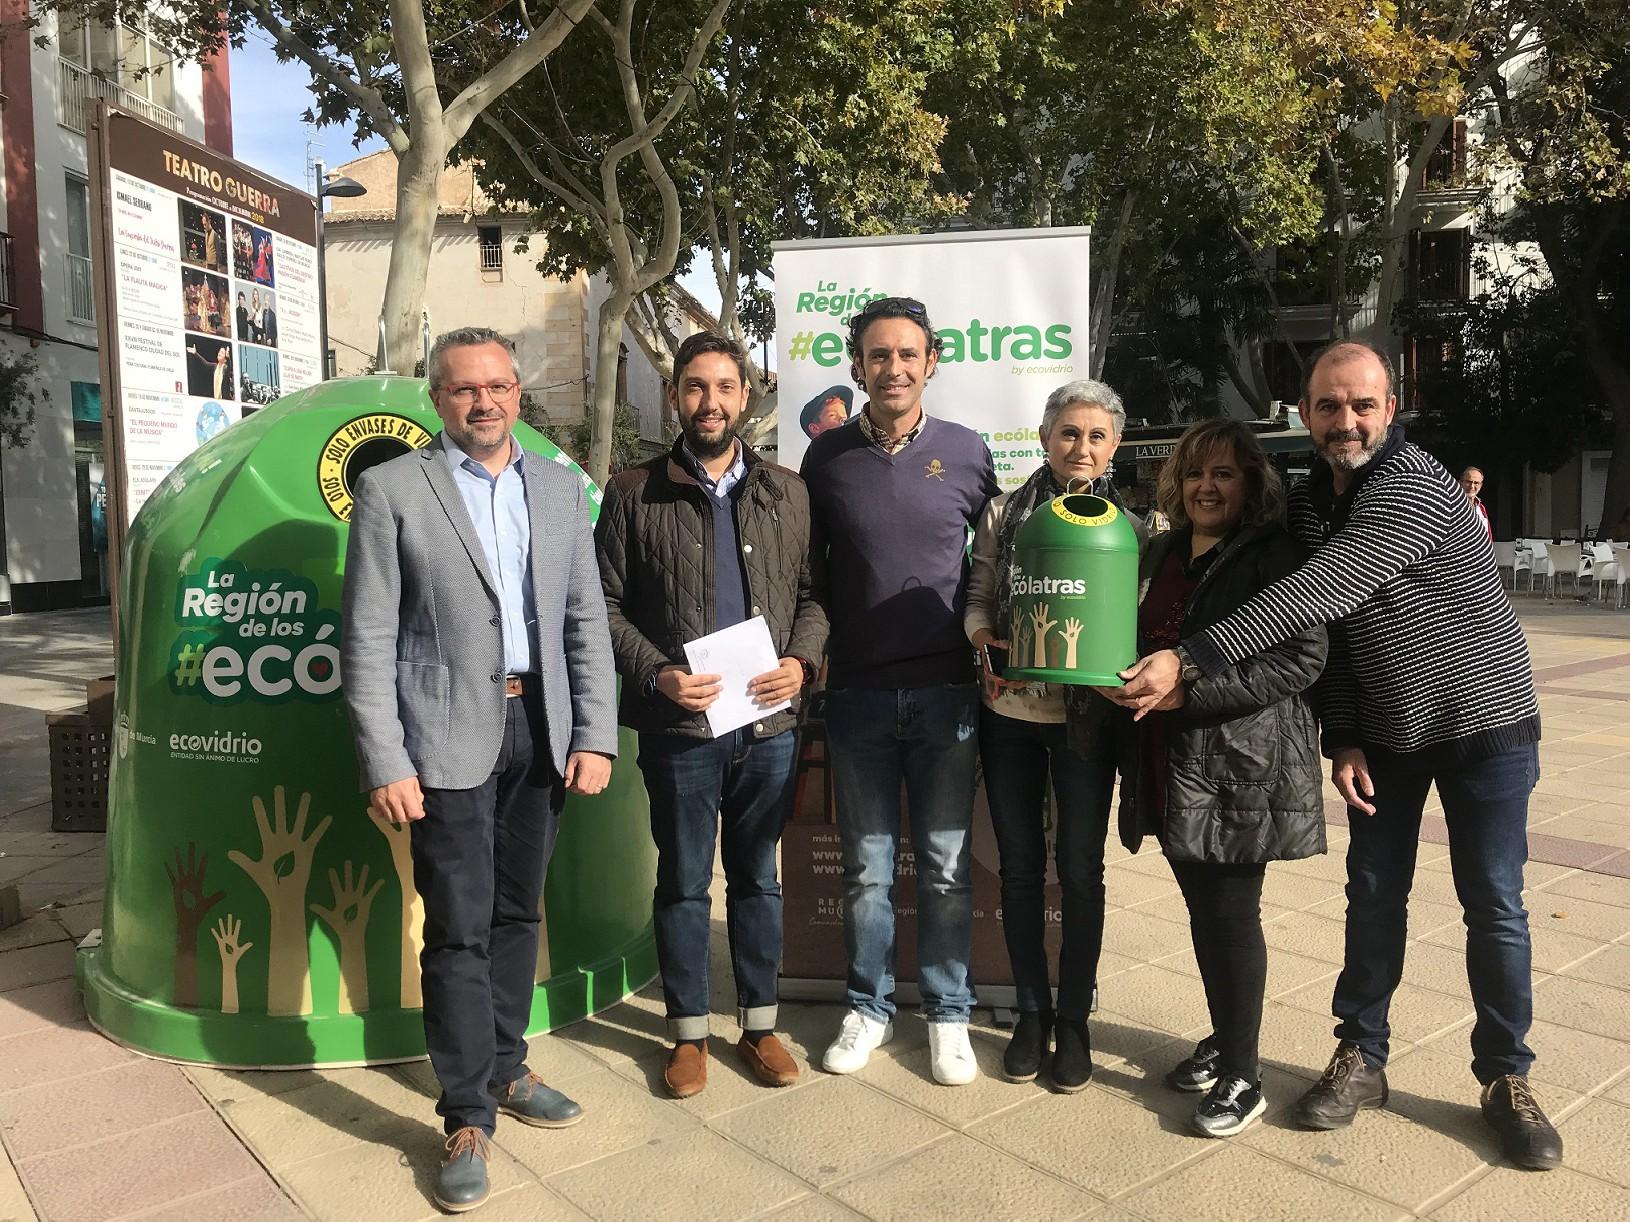 Lorca se une al movimiento 'La Región de los Ecólatras' con proyectos que plantean soluciones originales